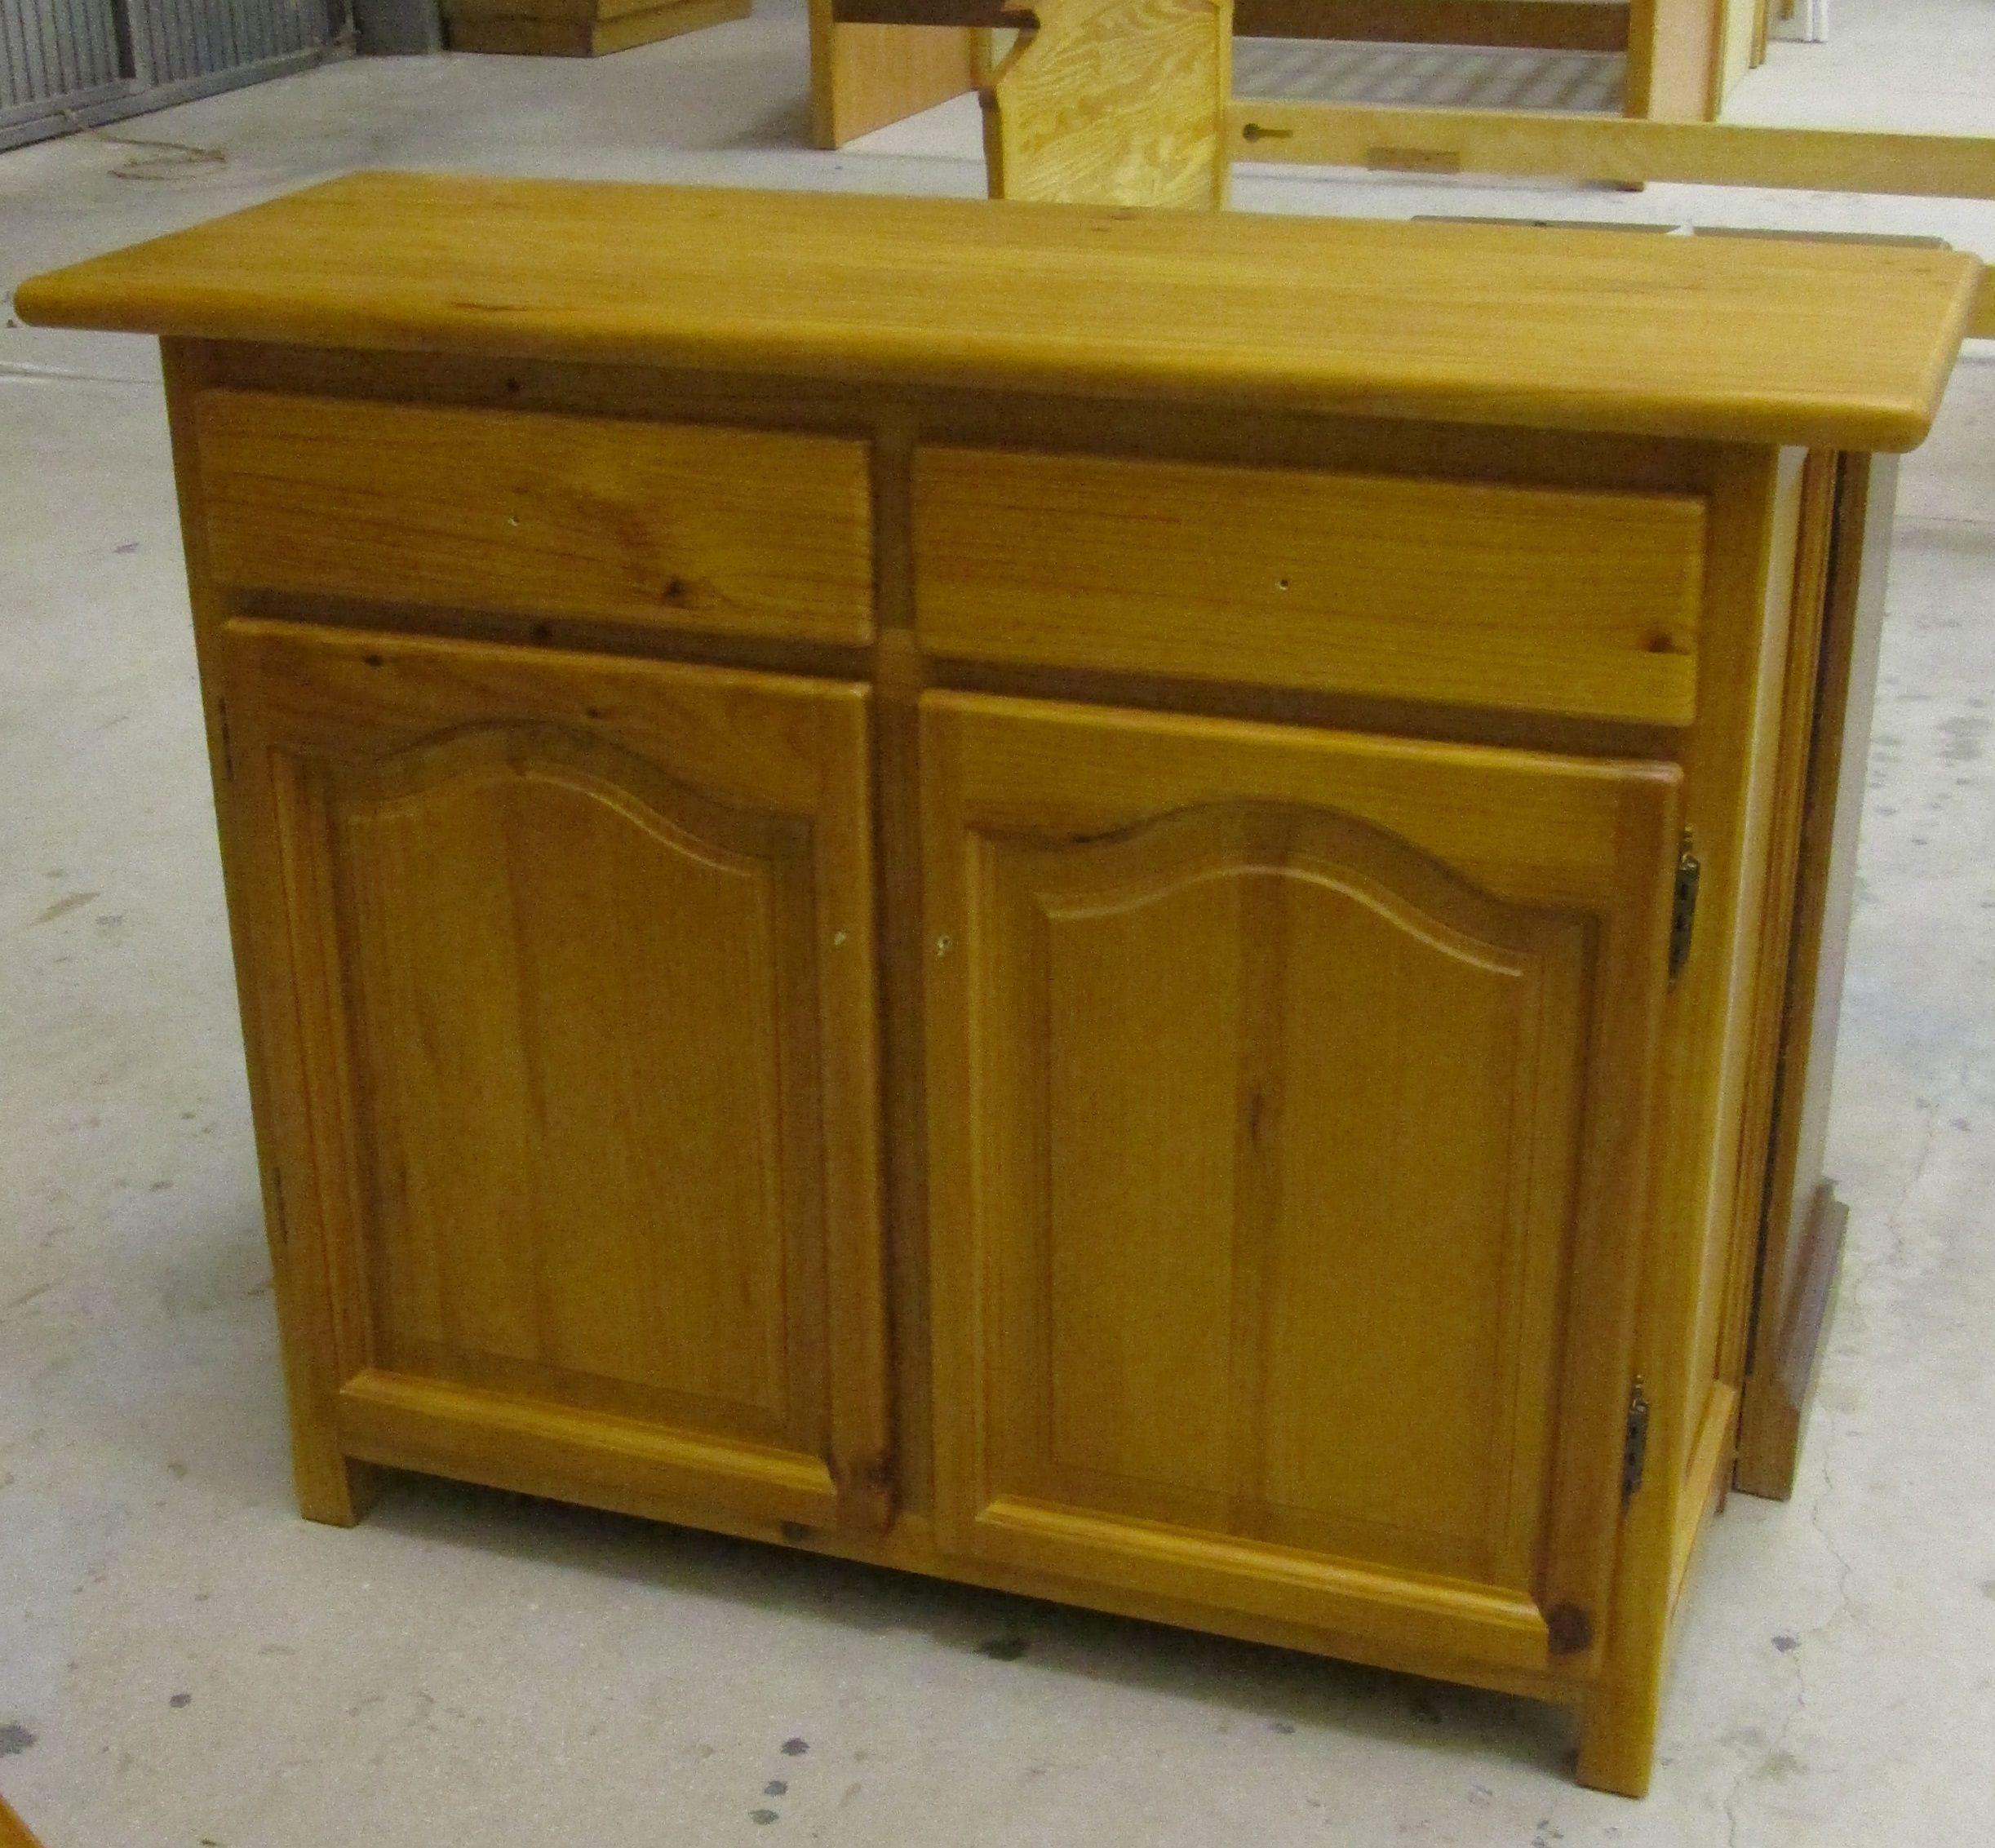 Mueble provenzal 110 cm OUTLET 125€ | Cosas para comprar | Pinterest ...